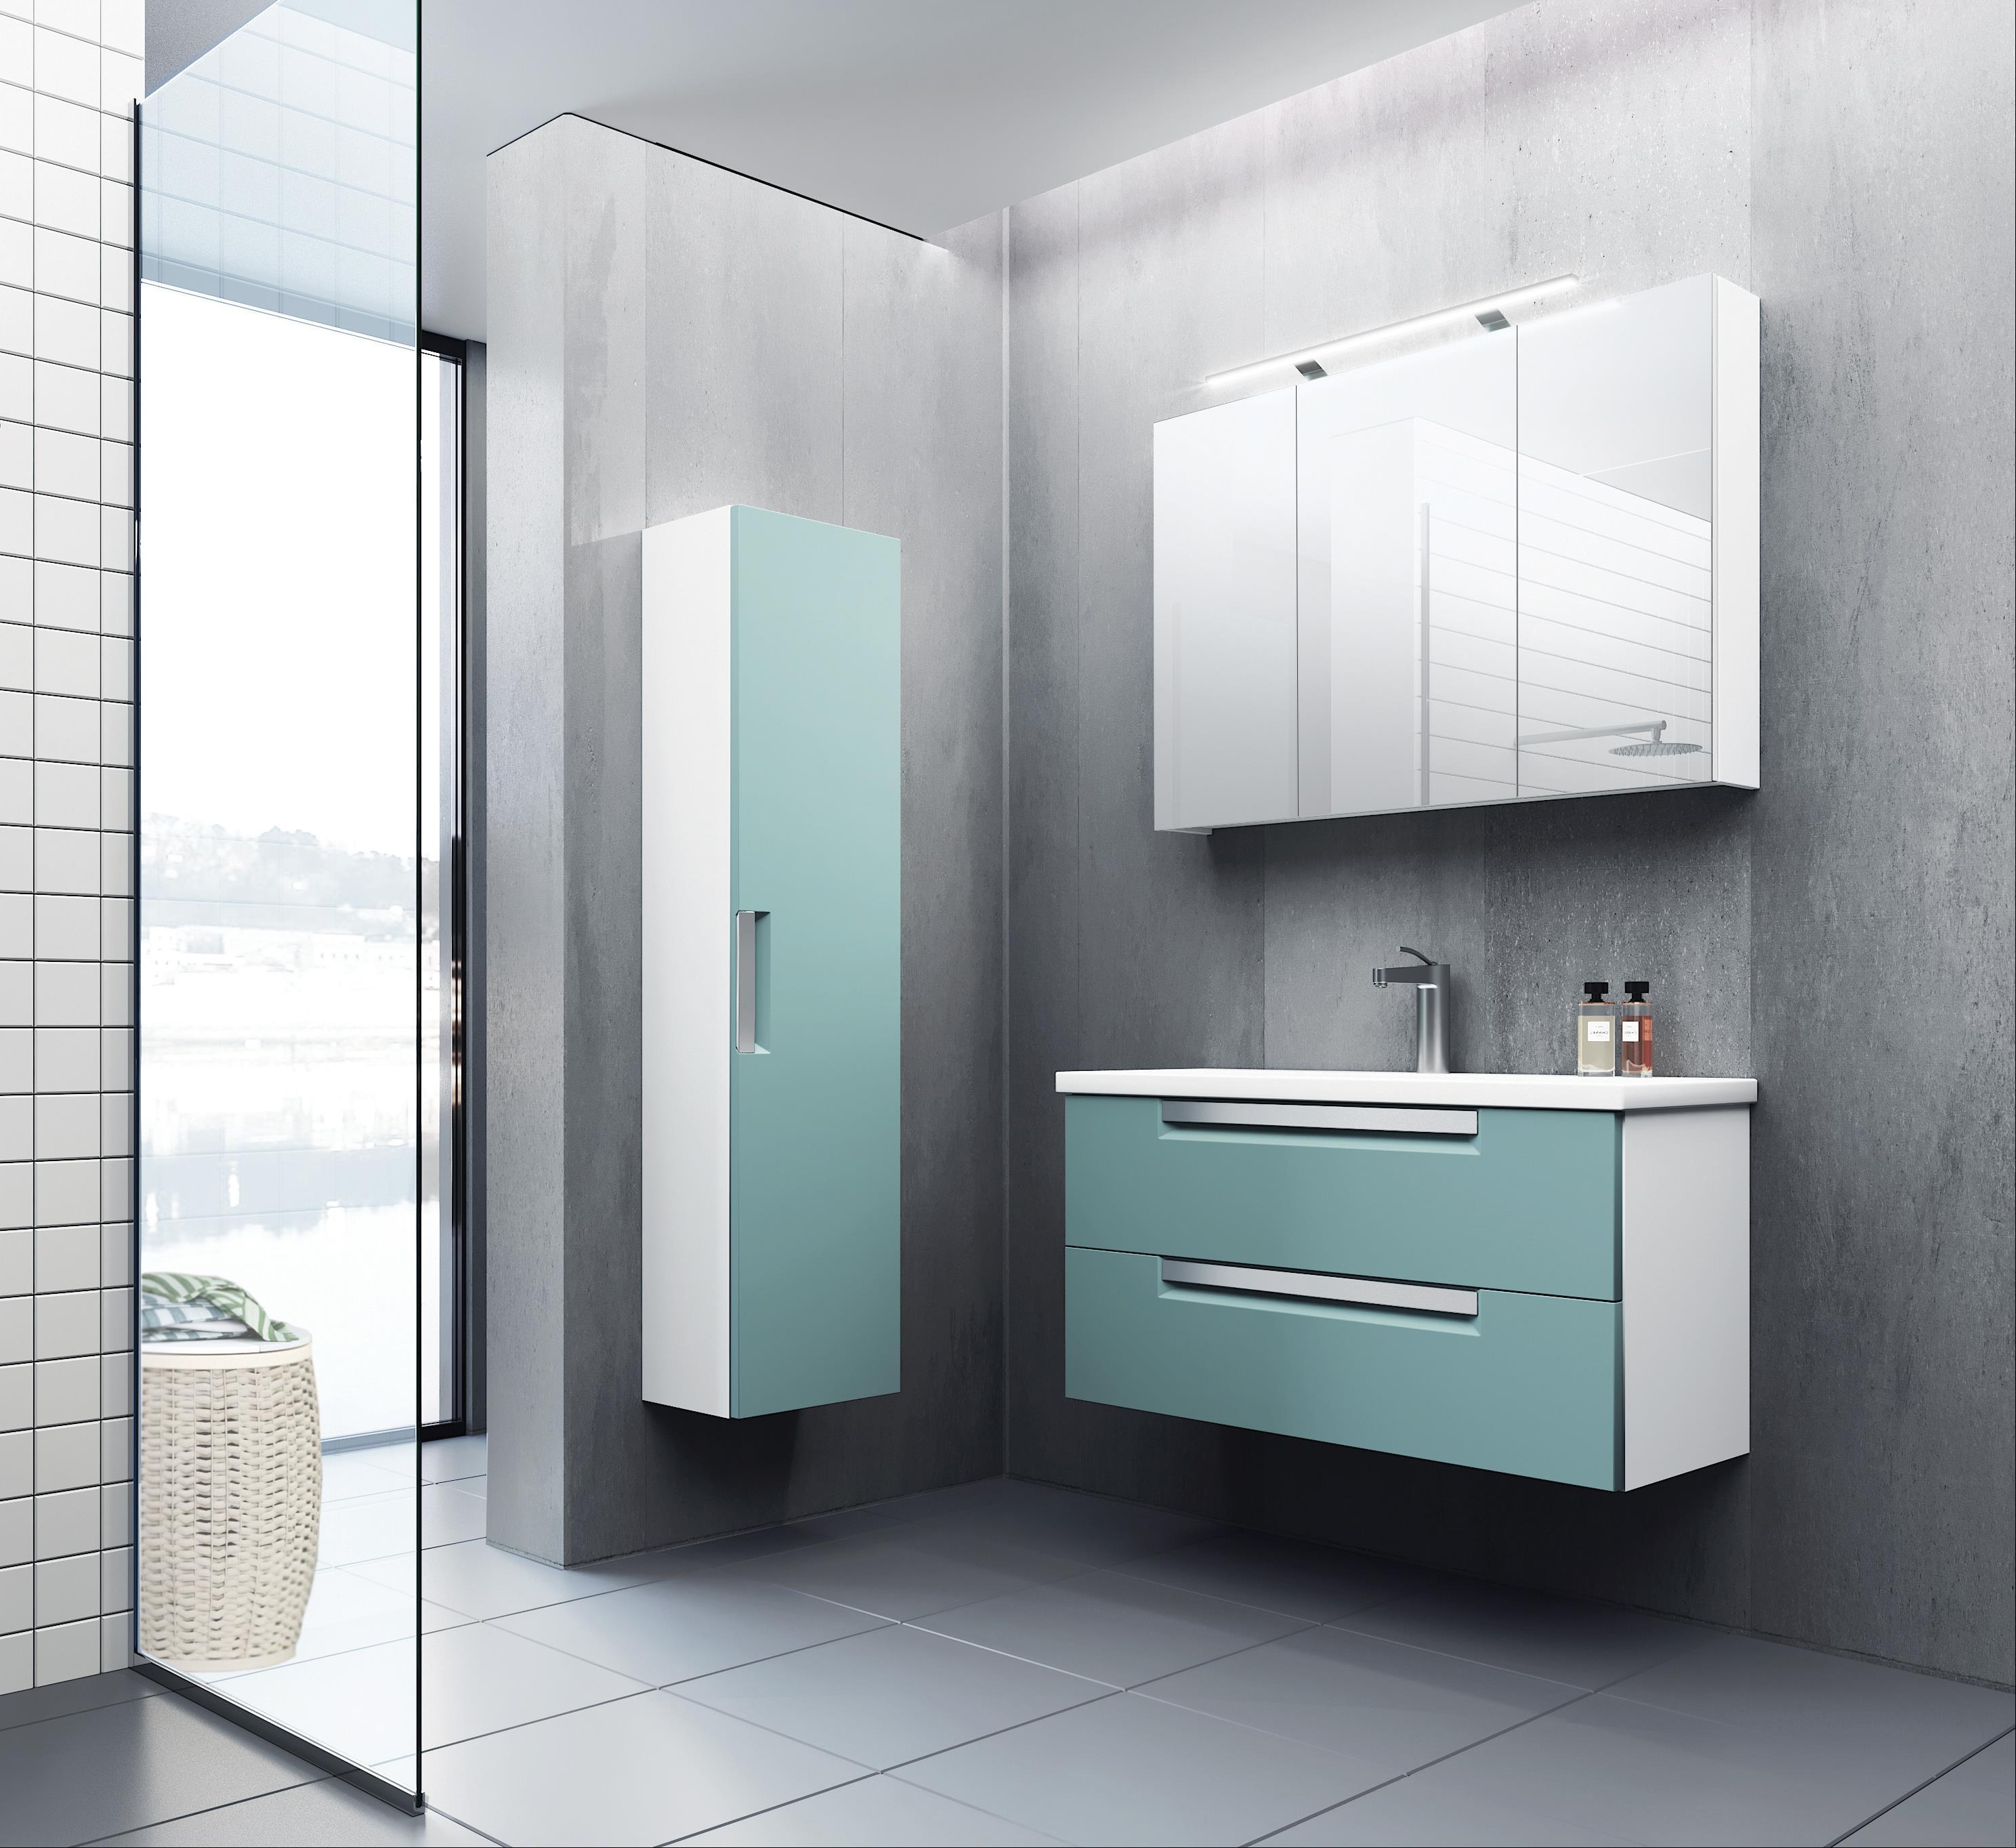 Bad Waschtischunterschrank mit Keramik-Waschtisch Milano 100 Aquamarin/weiß matt Bild 4